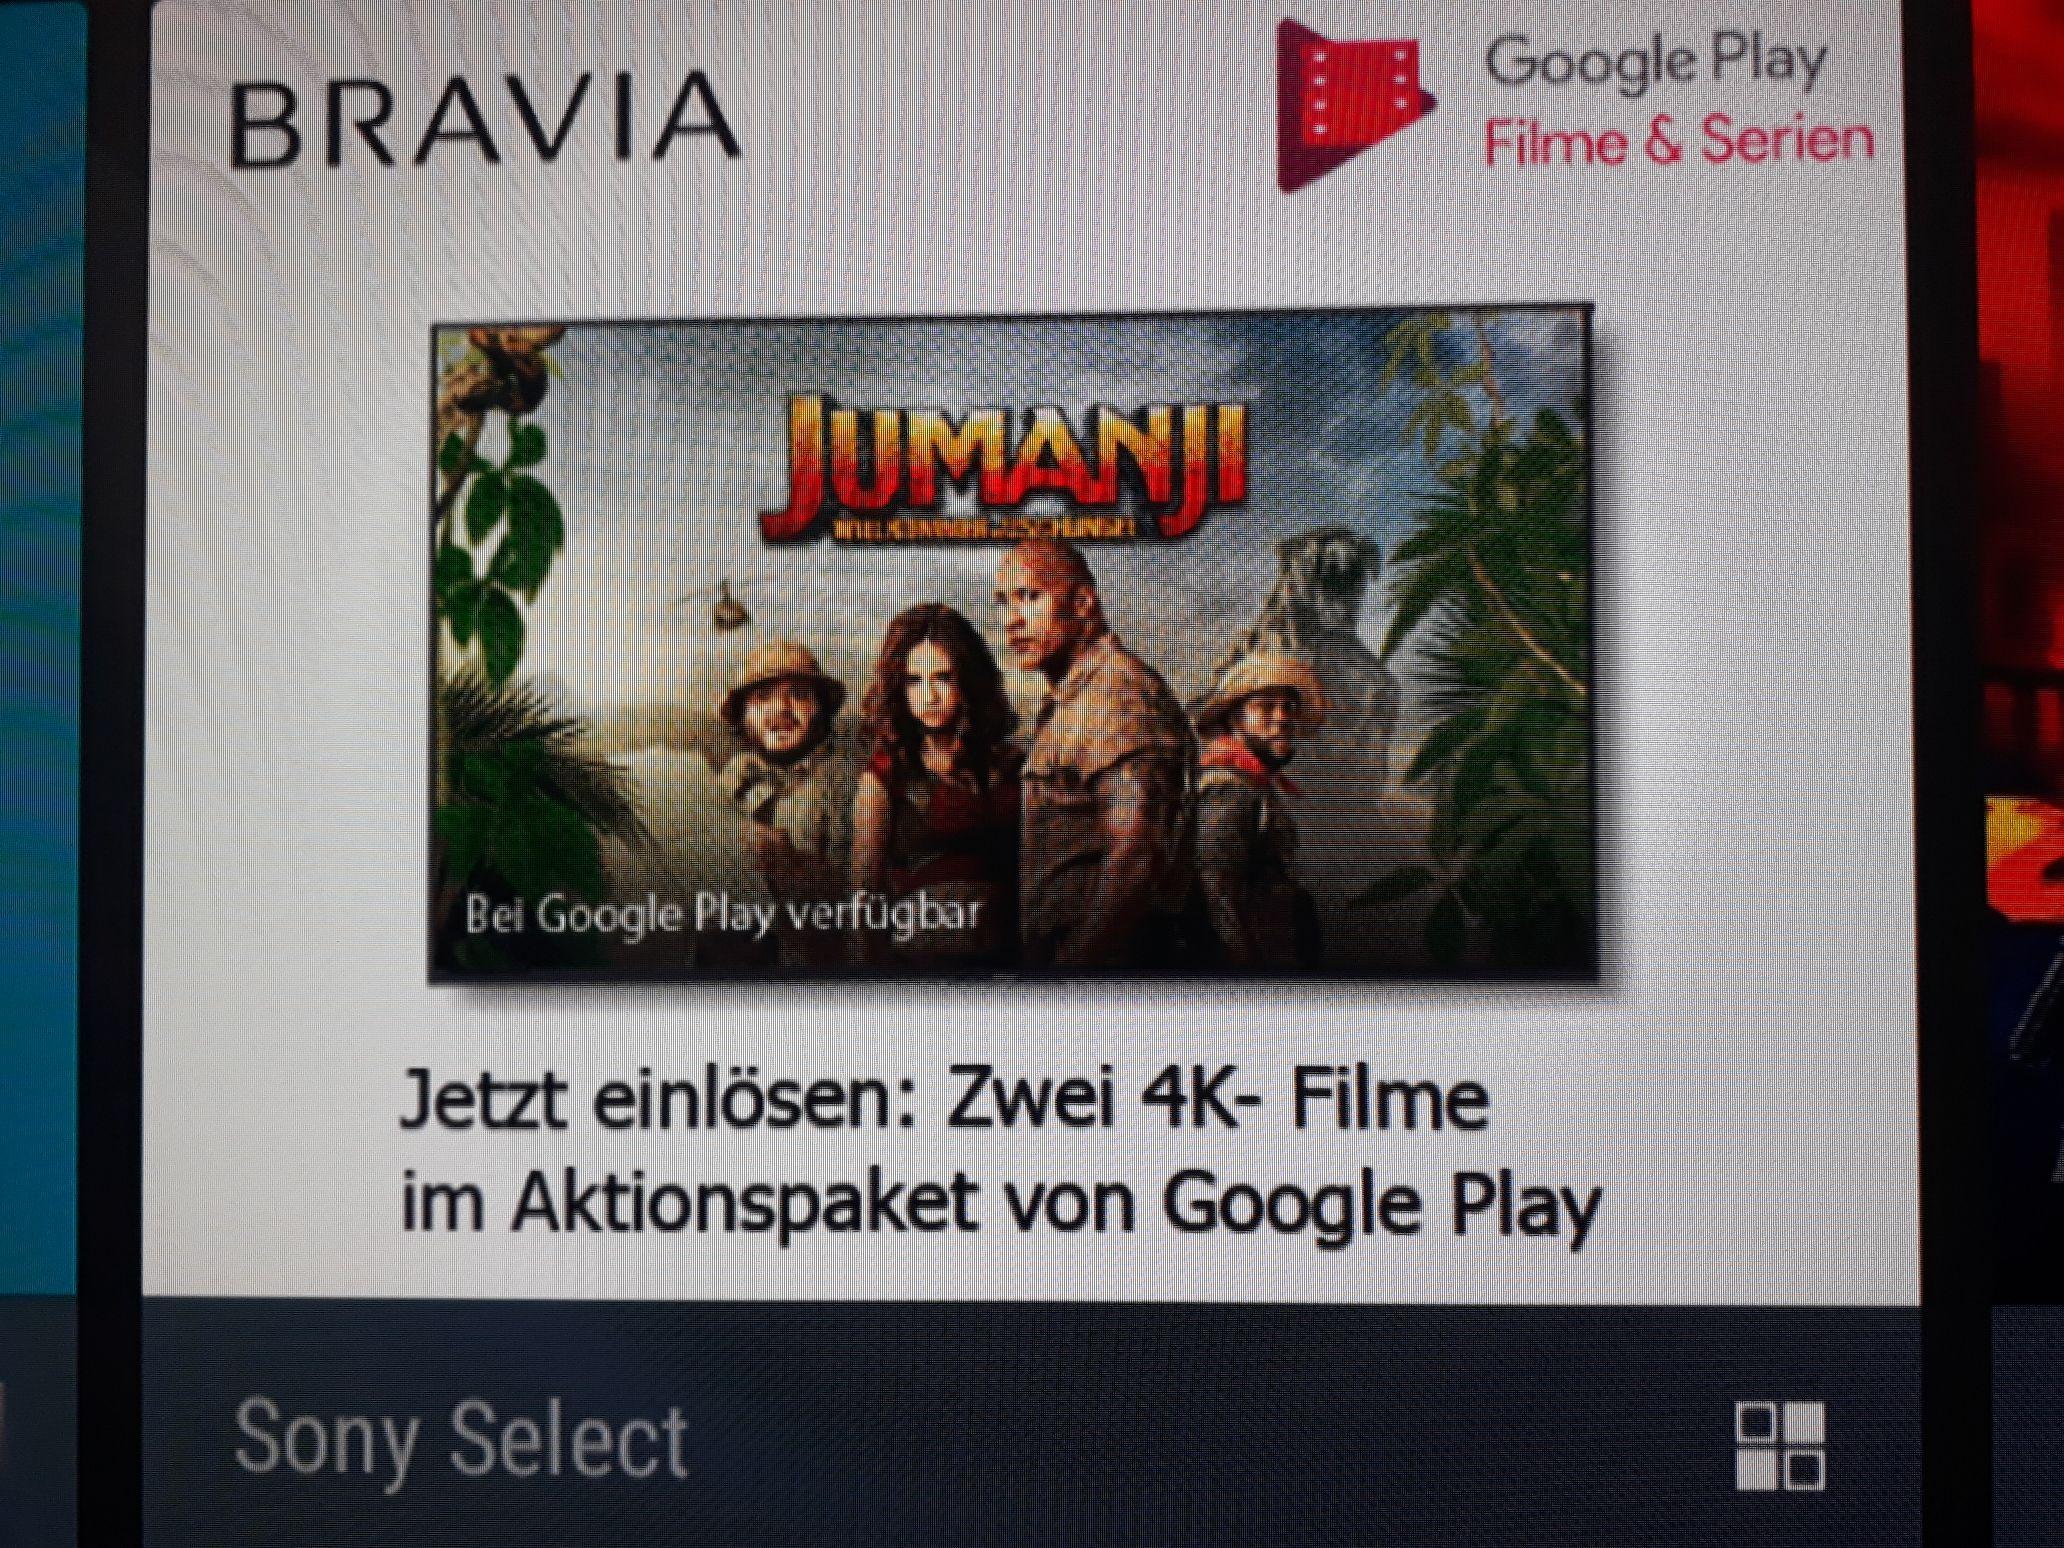 Zwei 4K UHD Filme kostenlos bis 12/2019 (u.a. Bladerunner 2049) [Google Play & Sony BRAVIA]